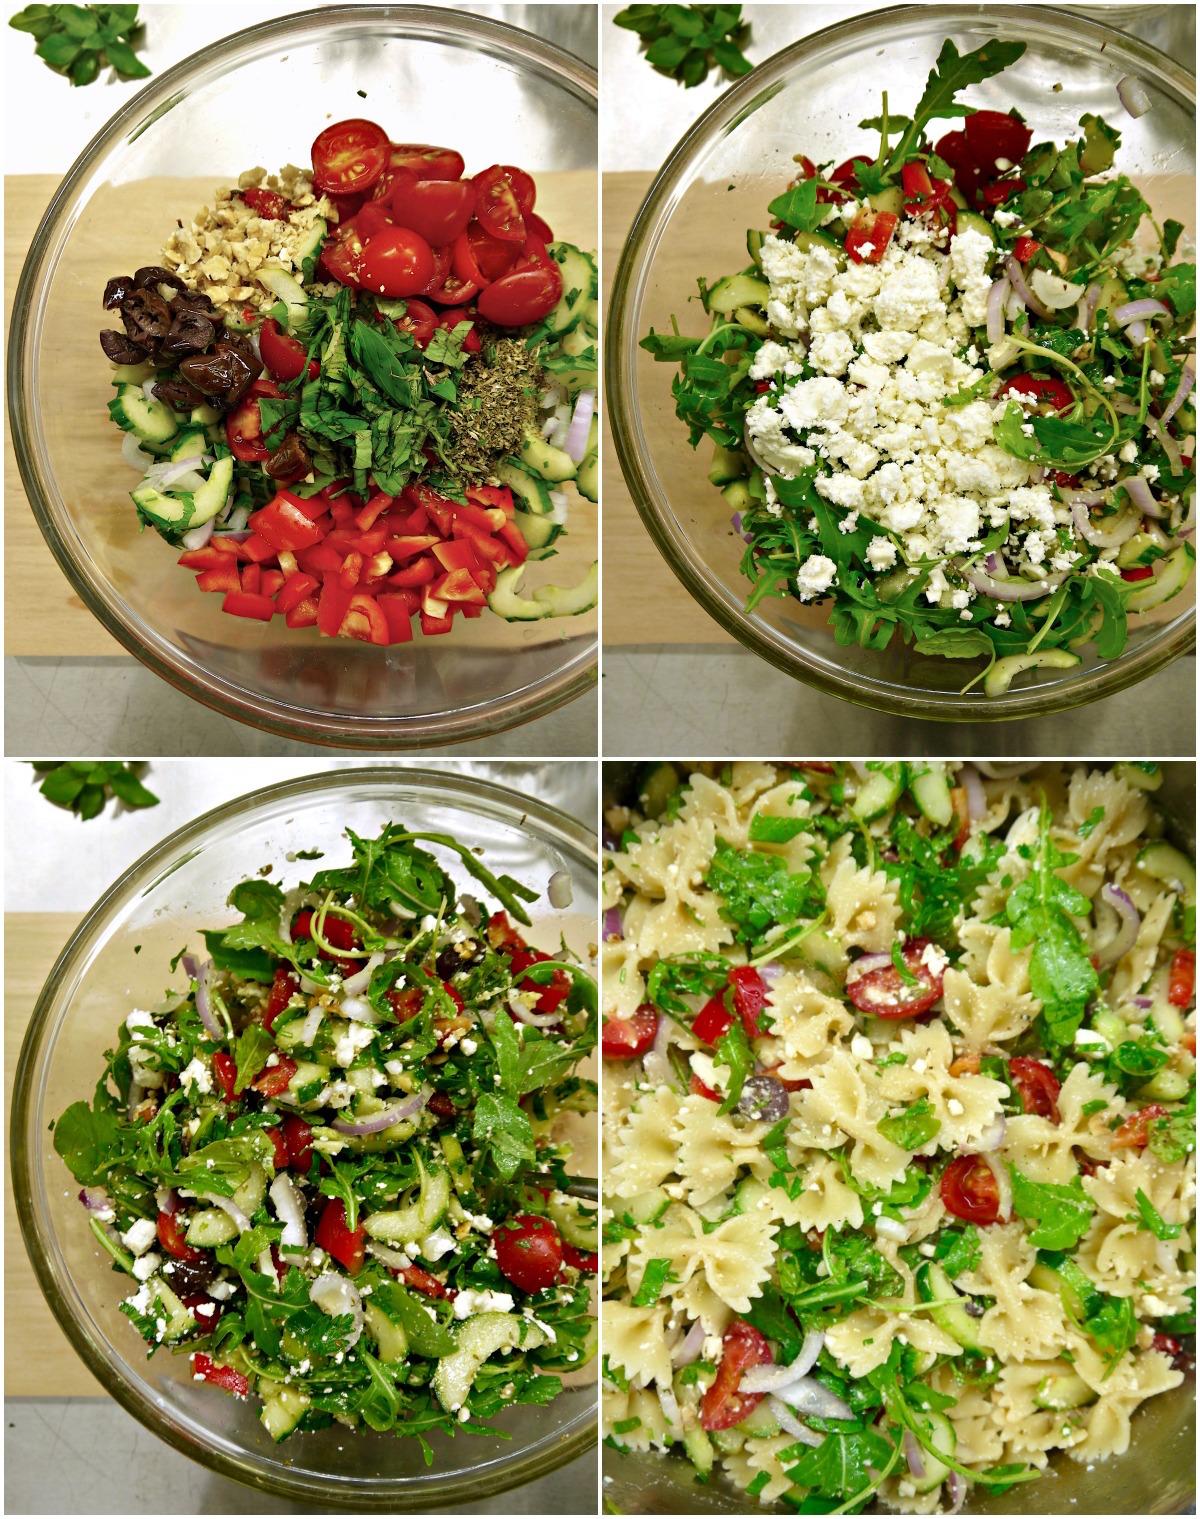 Κρύα σαλάτα ζυμαρικών με πεταλούδες/ φαρφάλες & ωμά λαχανικά